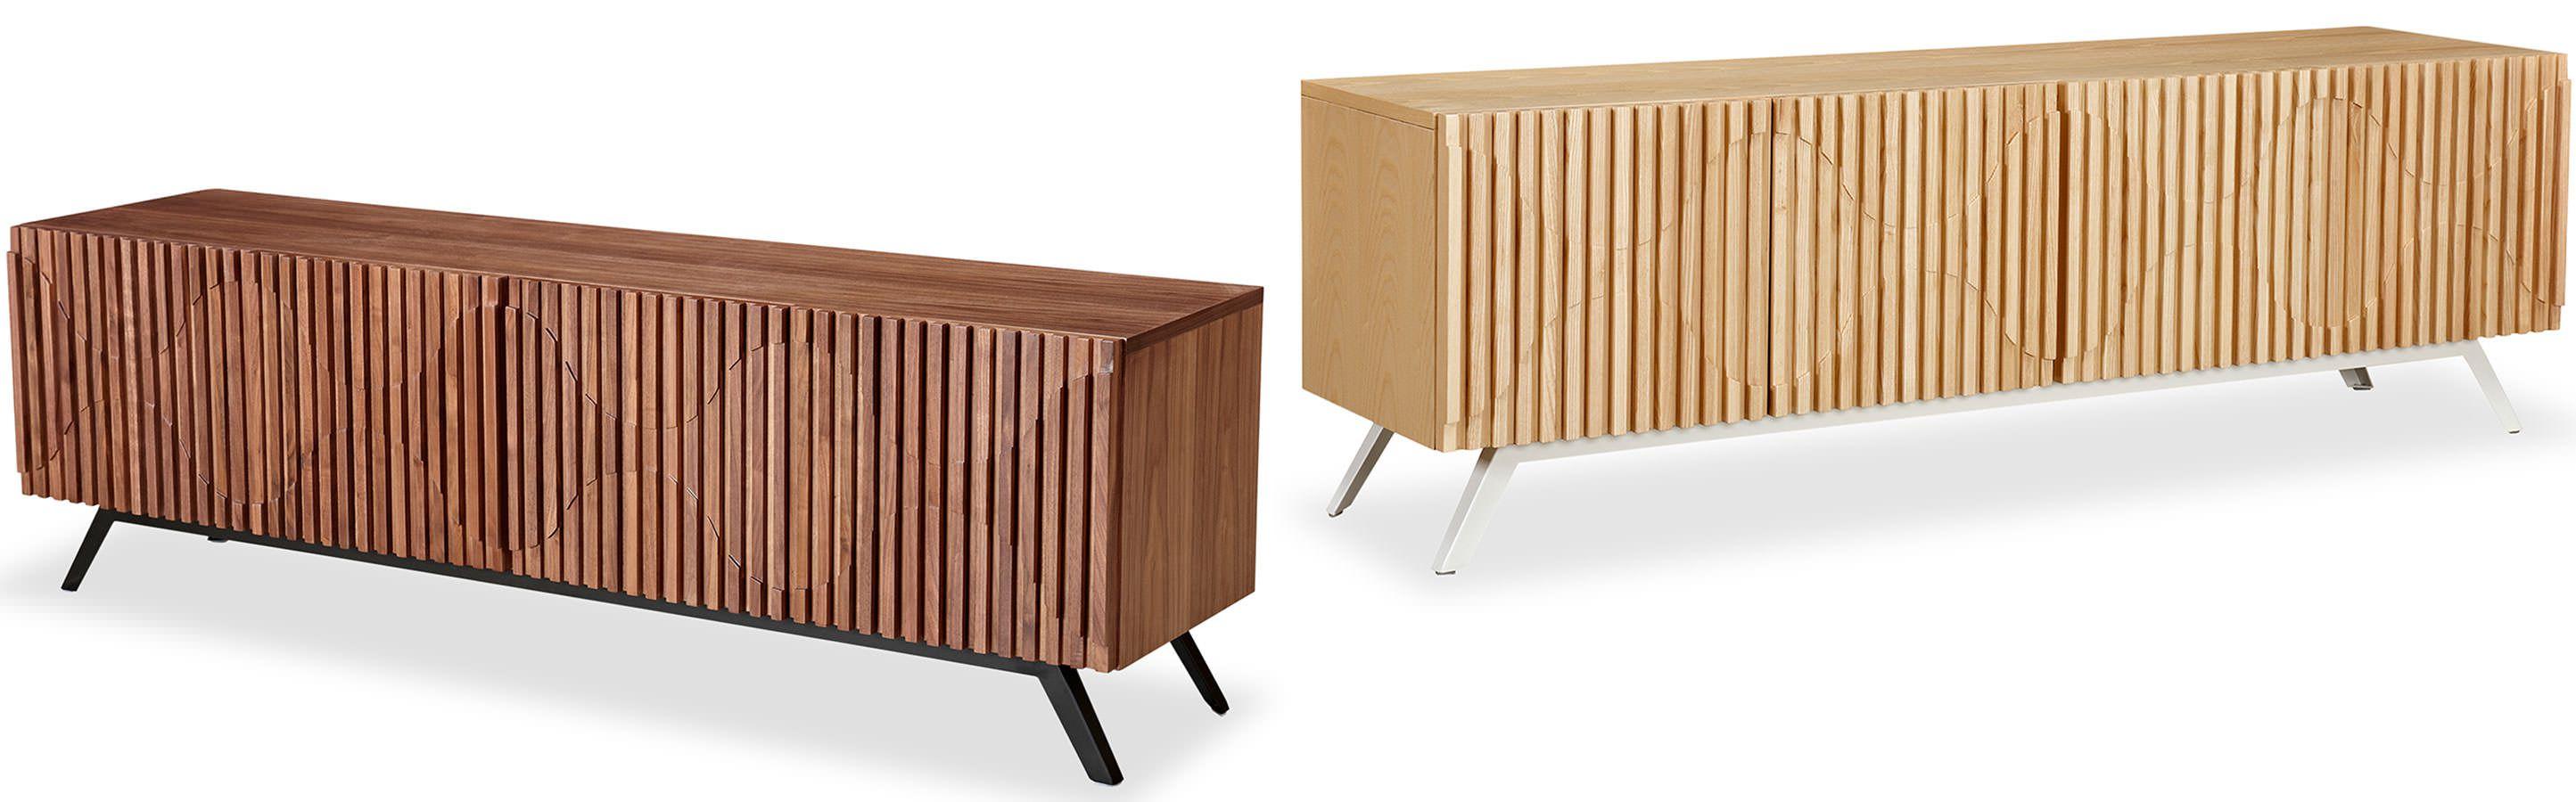 Preferred Storage - Media Cabinets - Semibreve Cabinet - Kardiel BF13